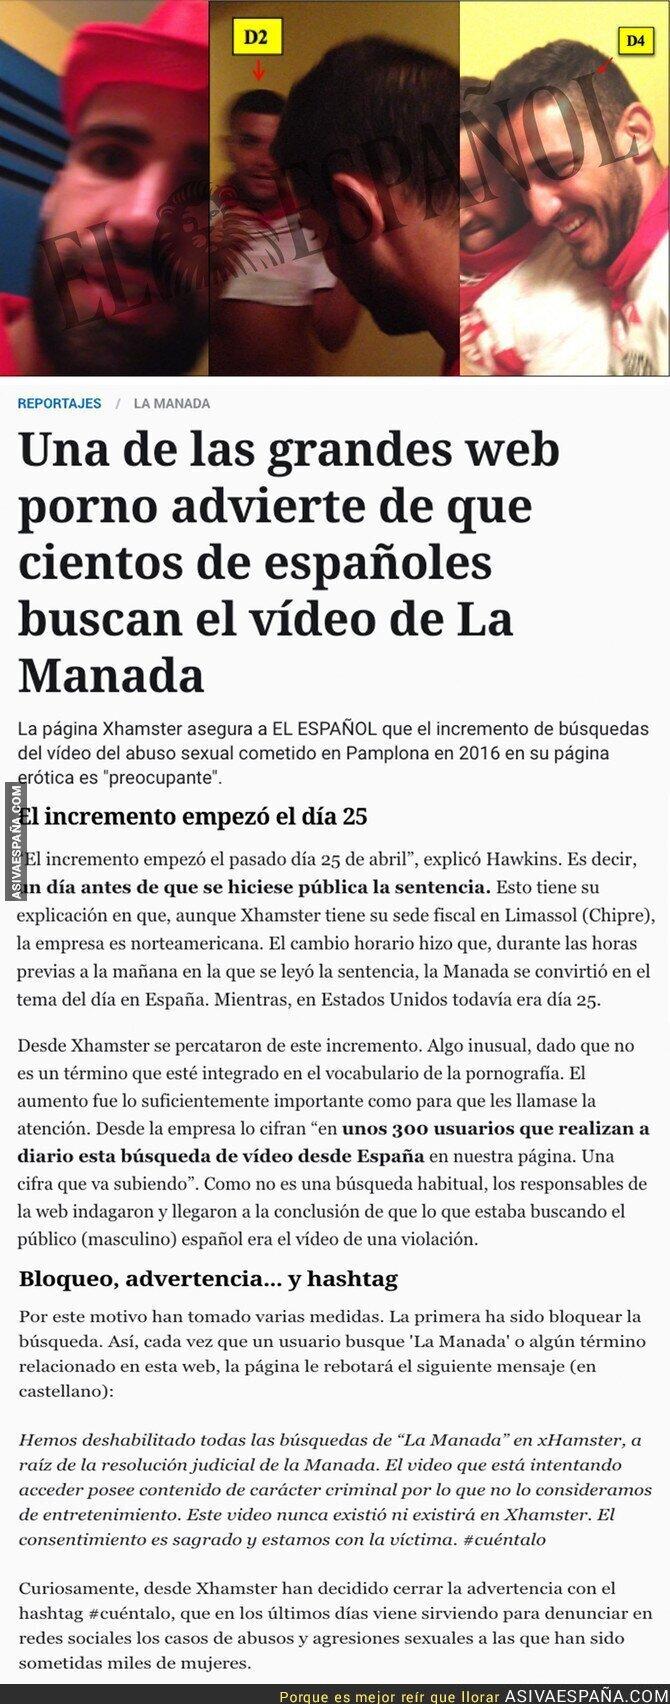 86337 - La web para adultos 'Xhamster' ha lanzado este comunicado sobre el vídeo de La Manada abusando de su víctima